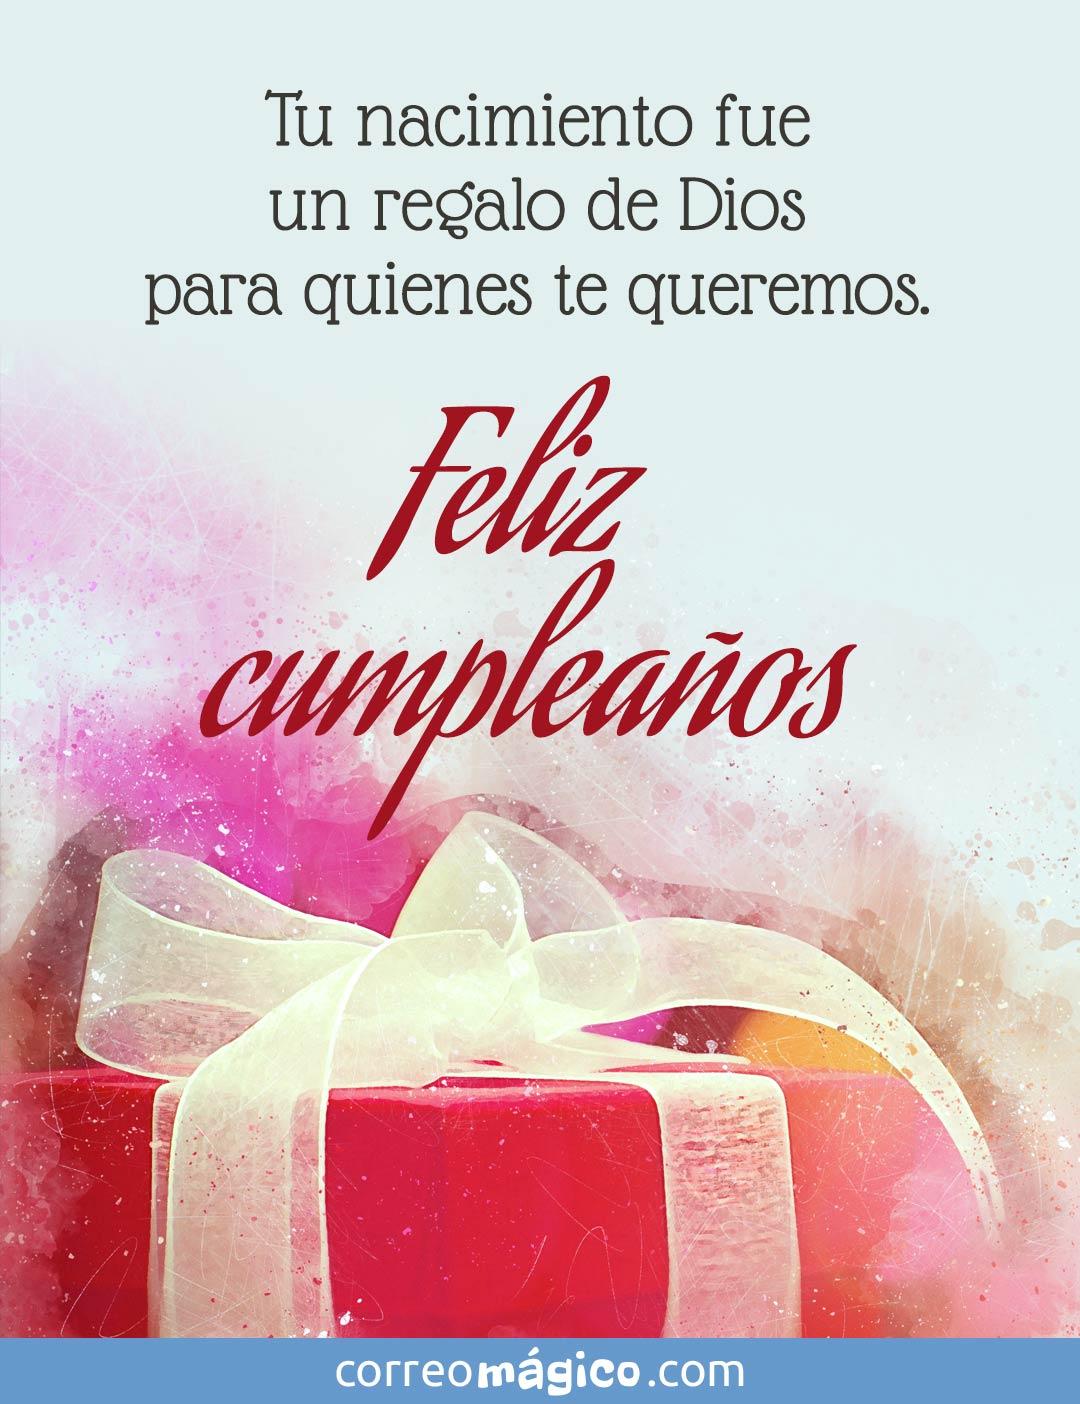 Tu nacimiento fue un regalo de Dios para quienes te queremos. Feliz cumpleaños